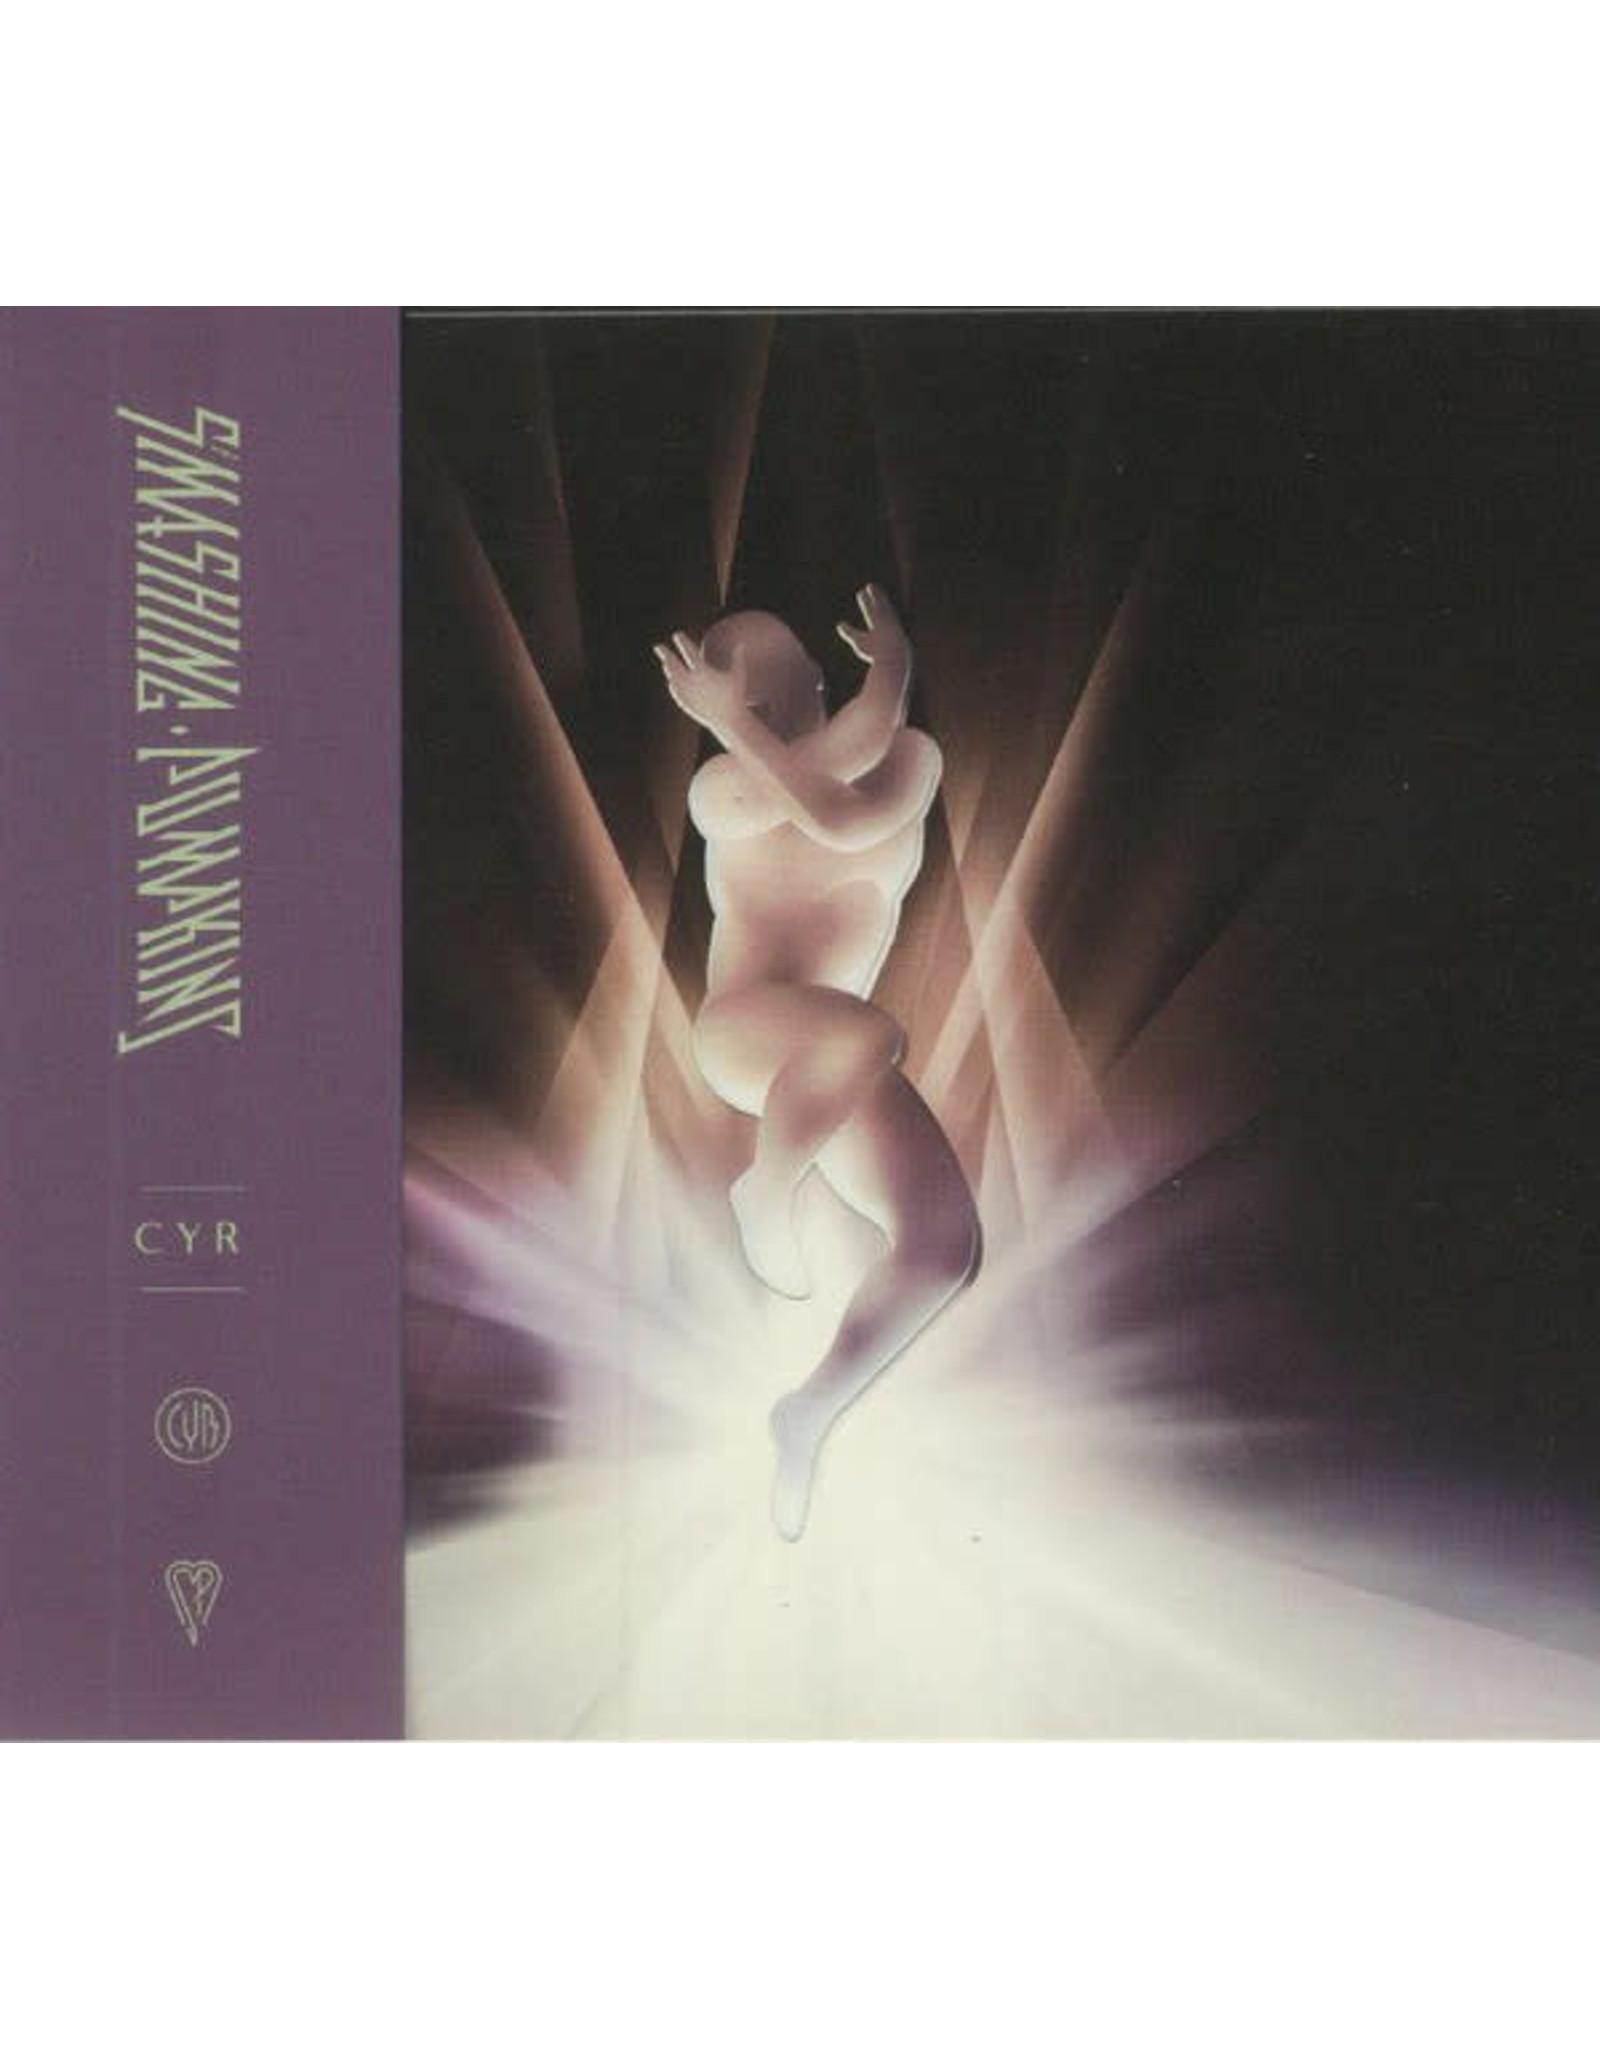 Smashing Pumpkins - CYR CD